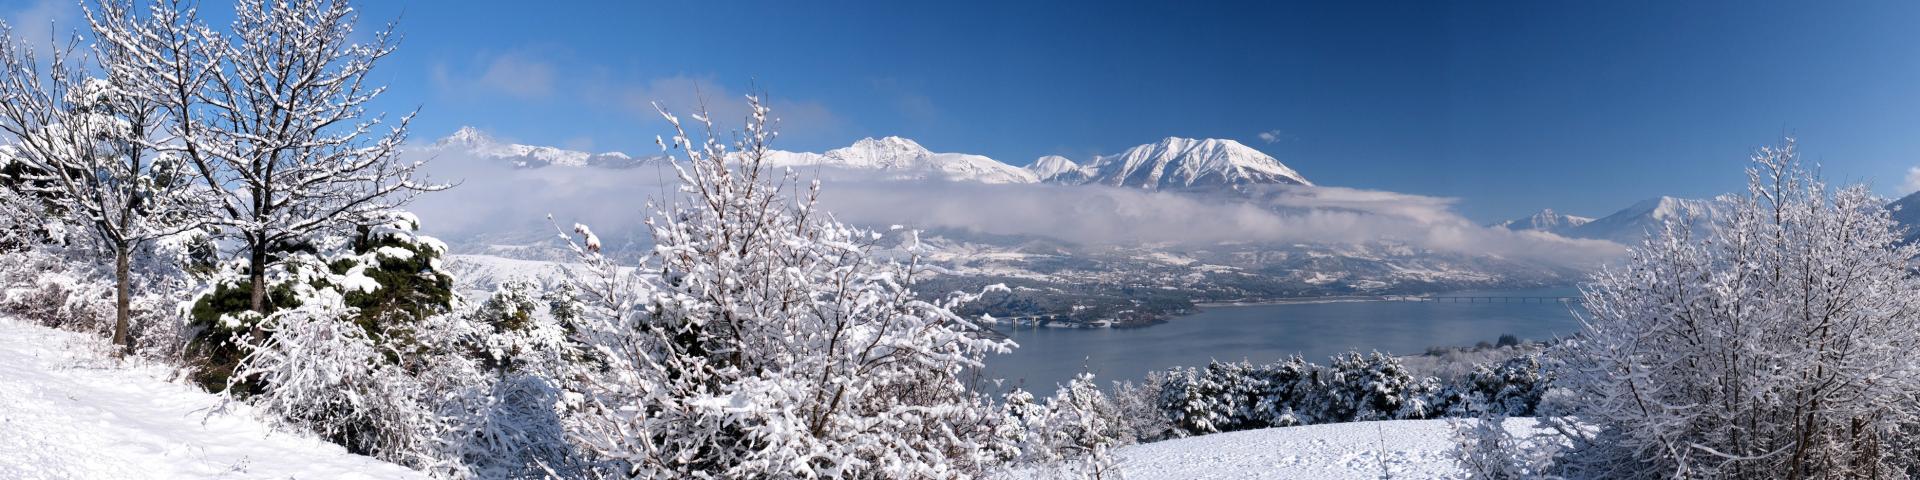 12 fevrier 2021 il vient de neiger